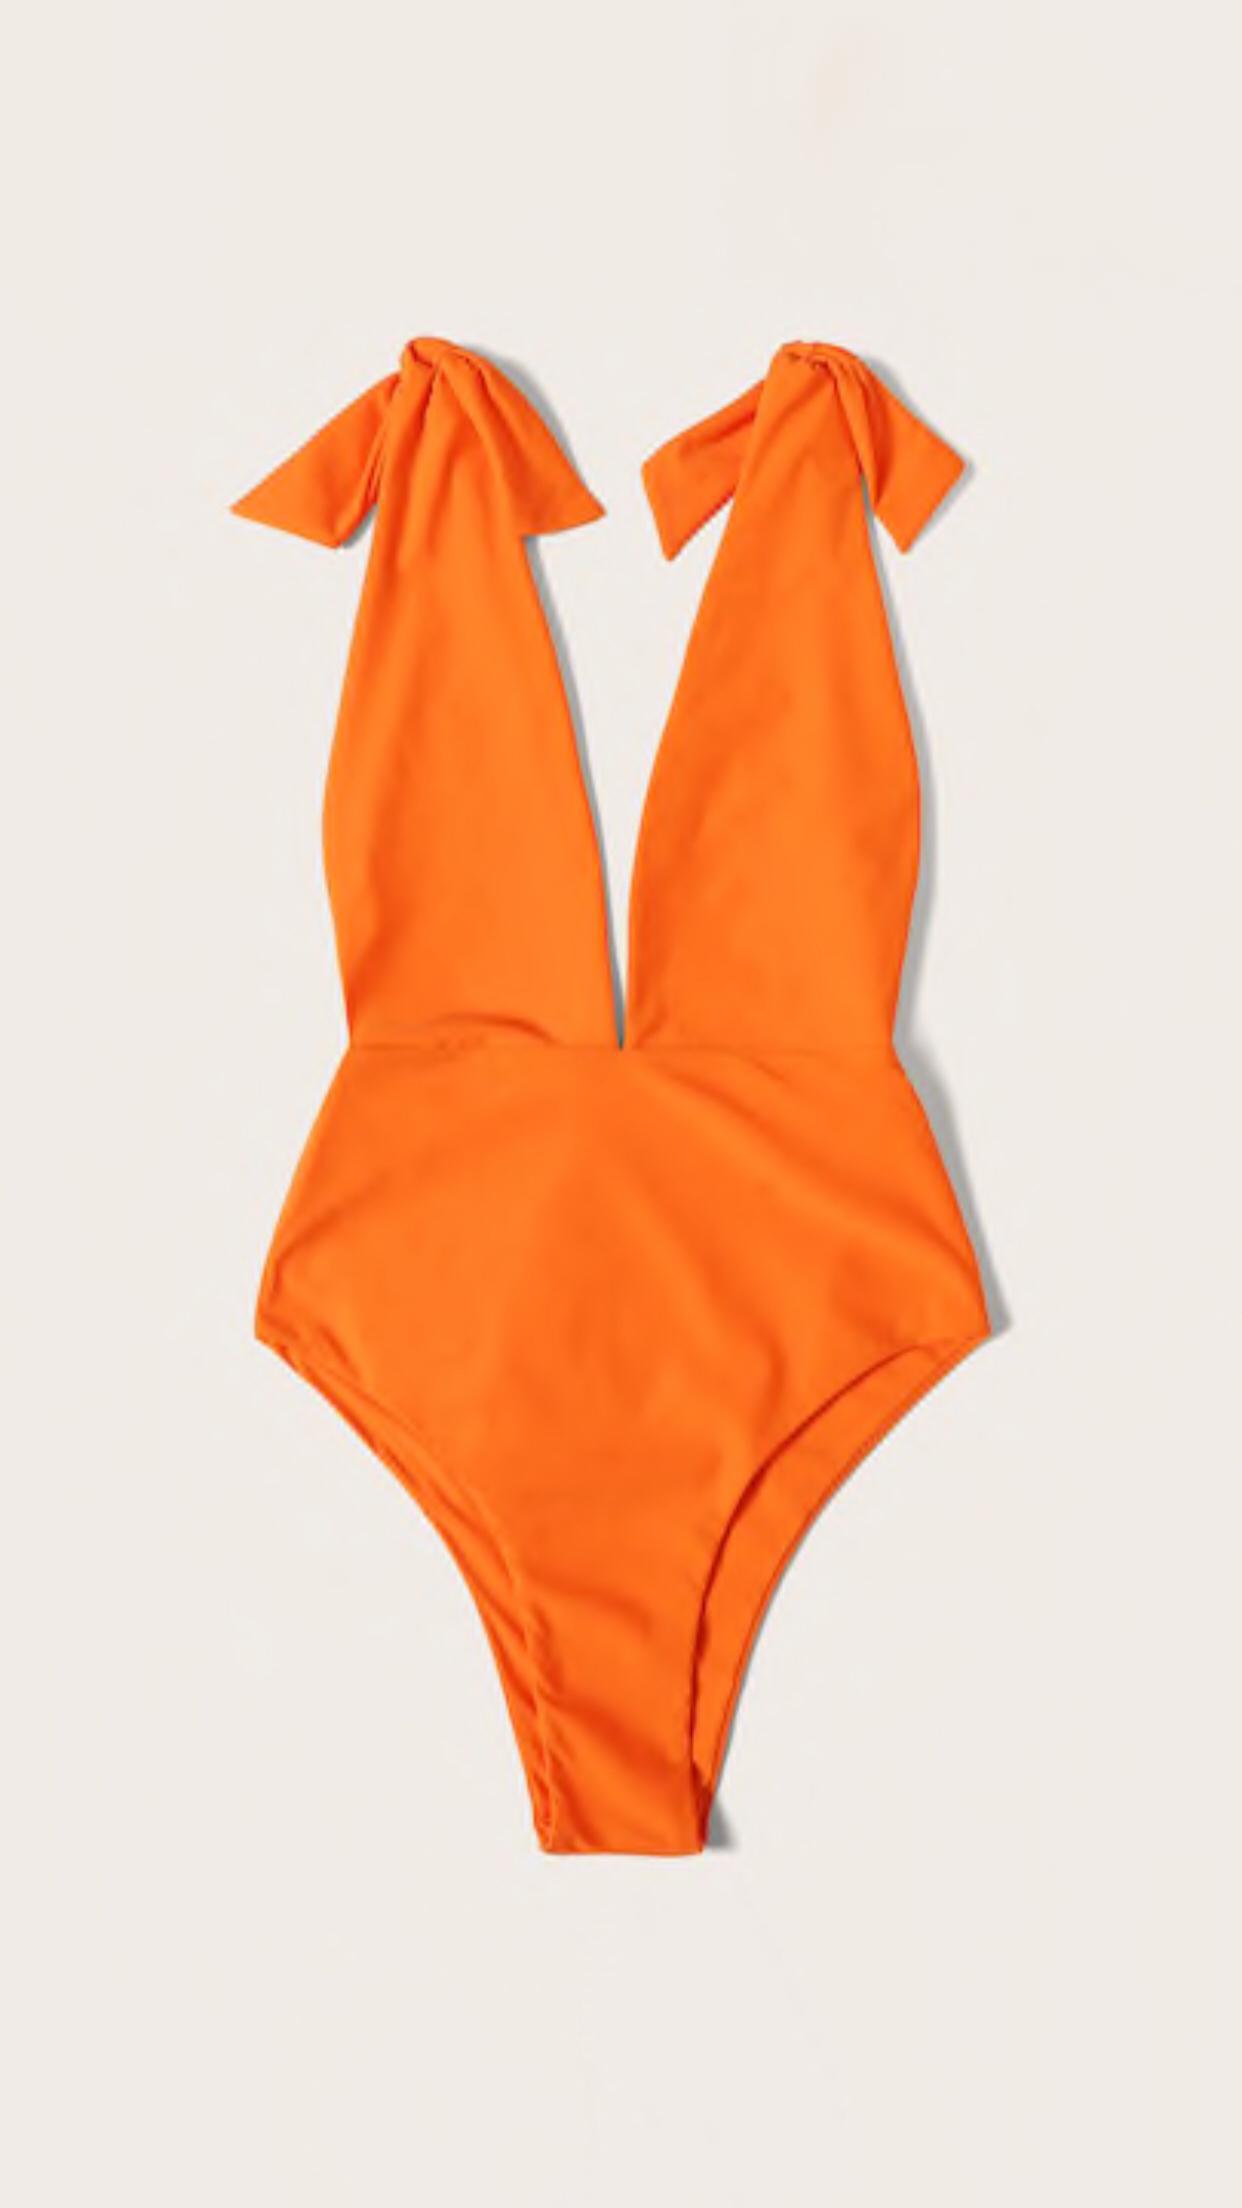 Bañador naranja